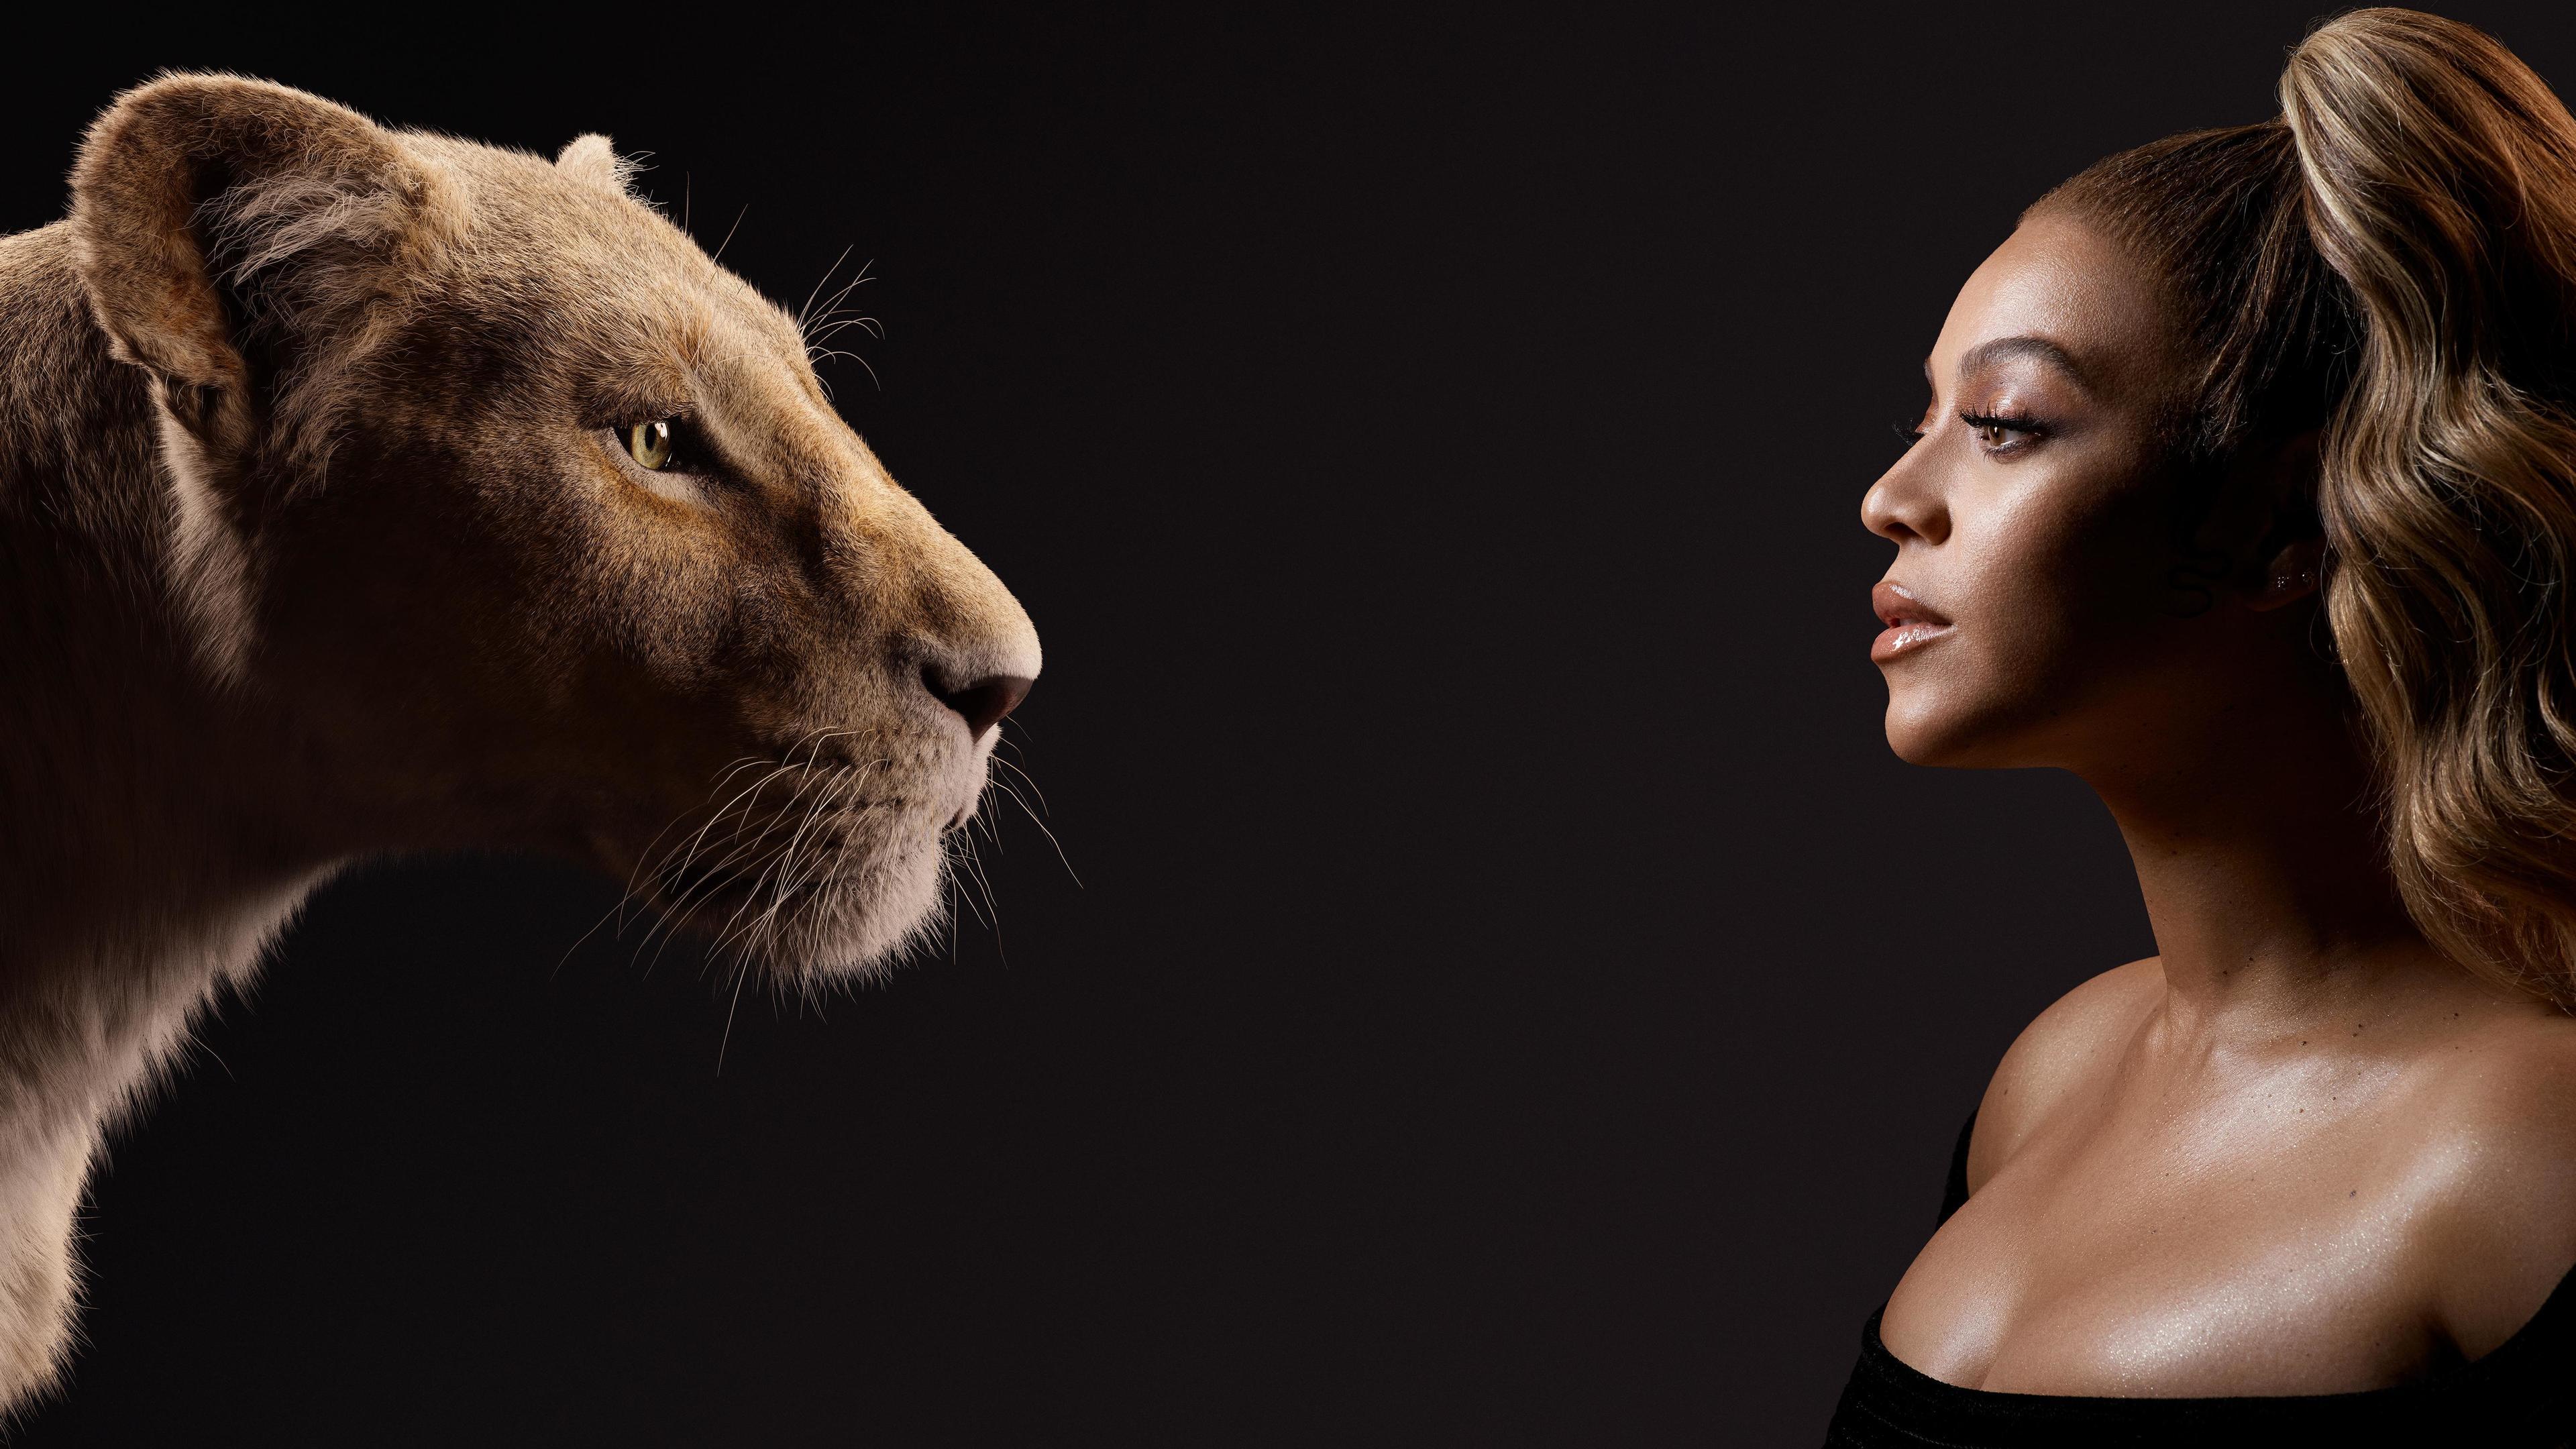 beyonce as nala the lion king 2019 1565055688 - Beyonce As Nala The Lion King 2019 - the lion king wallpapers, movies wallpapers, hd-wallpapers, beyonce wallpapers, 5k wallpapers, 4k-wallpapers, 2019 movies wallpapers